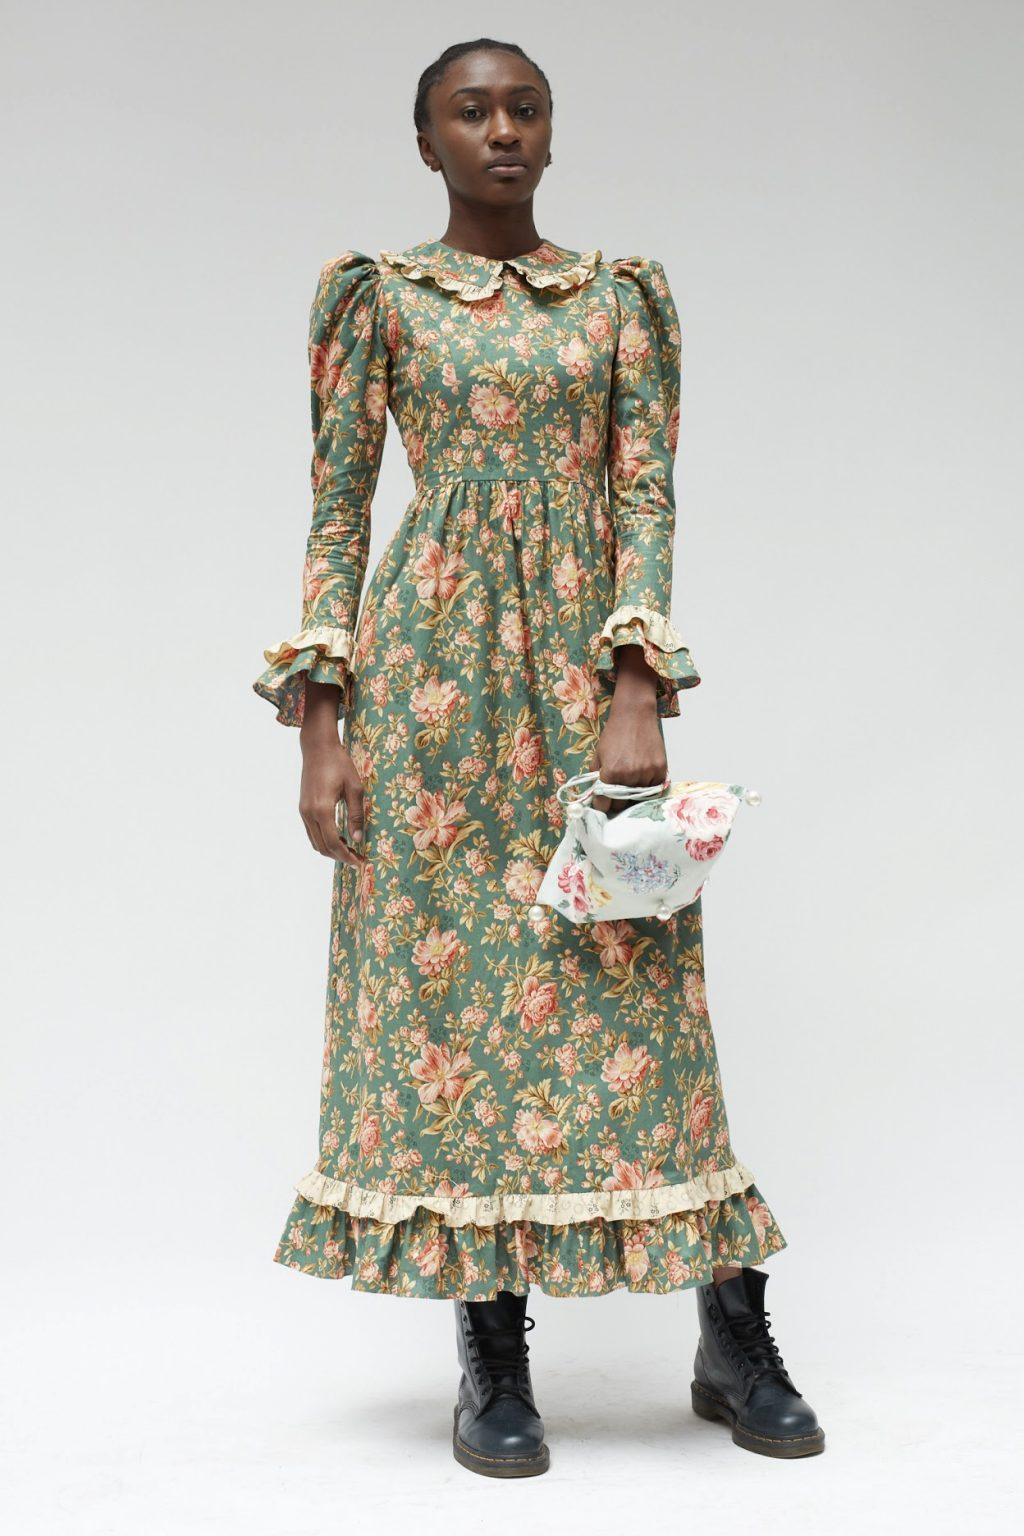 xu hướng váy đồng cỏ 2